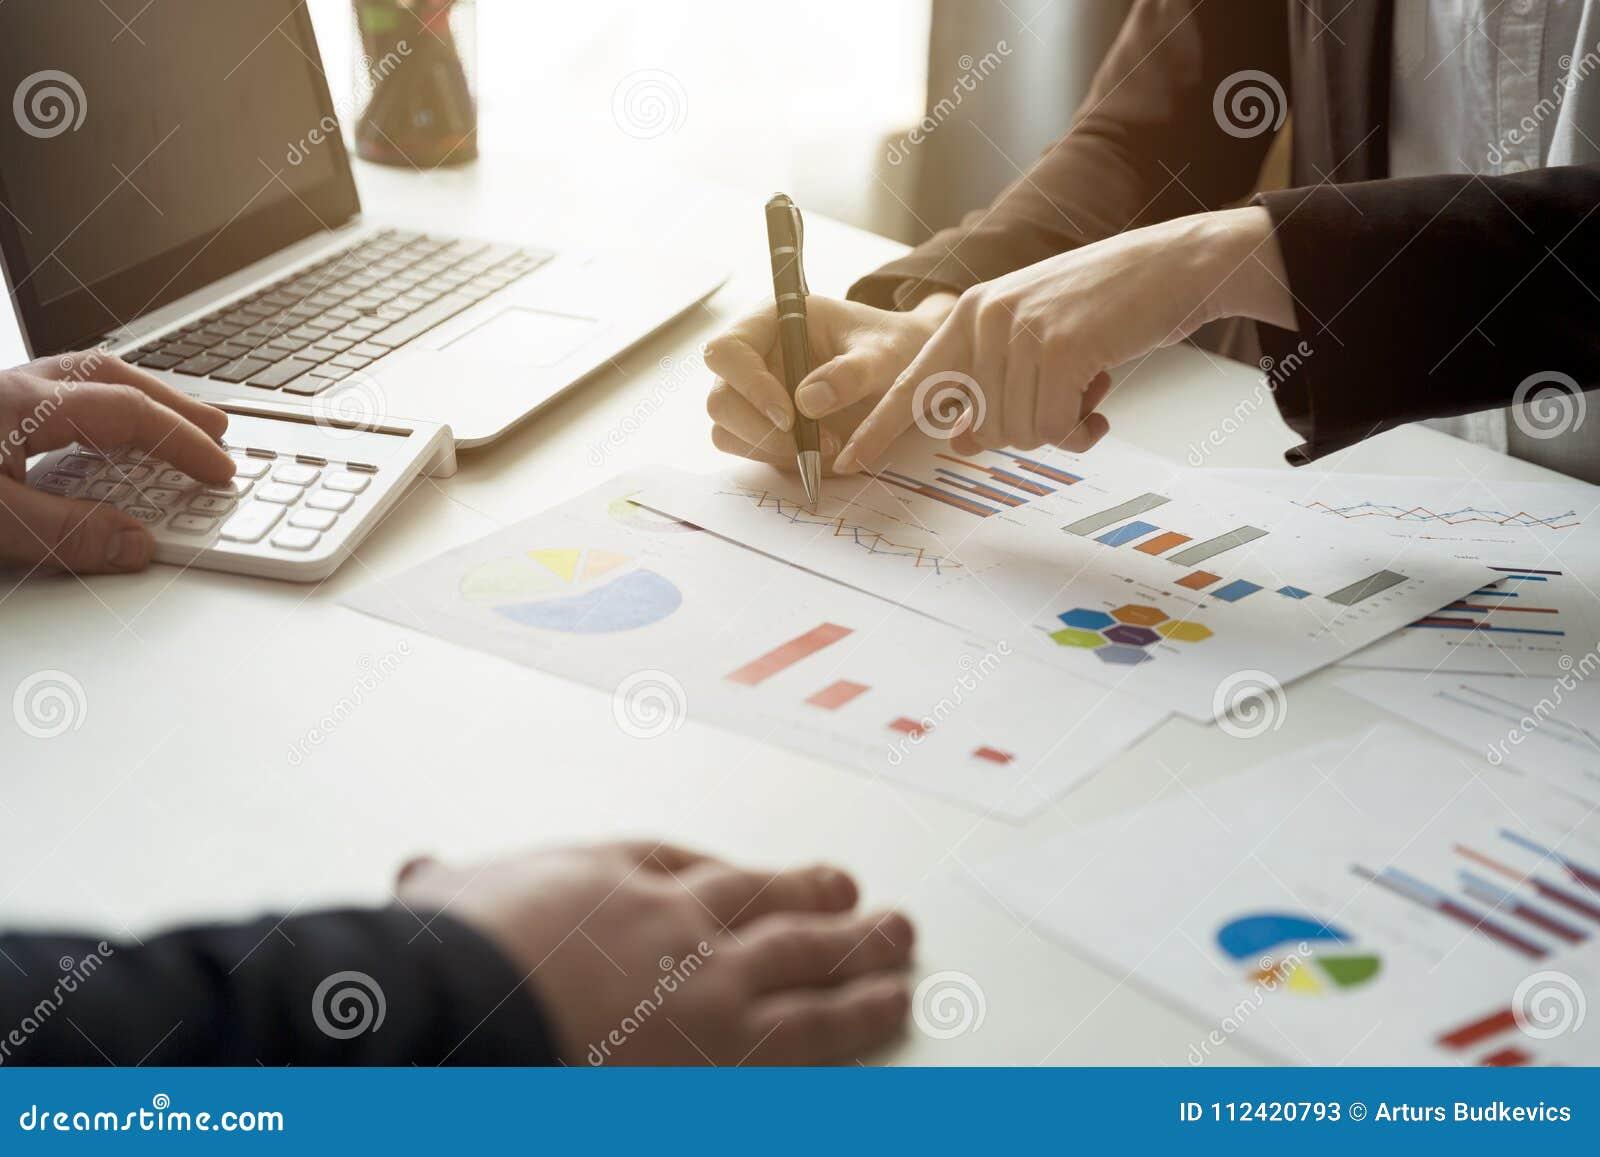 Bedrijfsmensen die de grafieken en de grafieken bespreken die onderzoek tonen